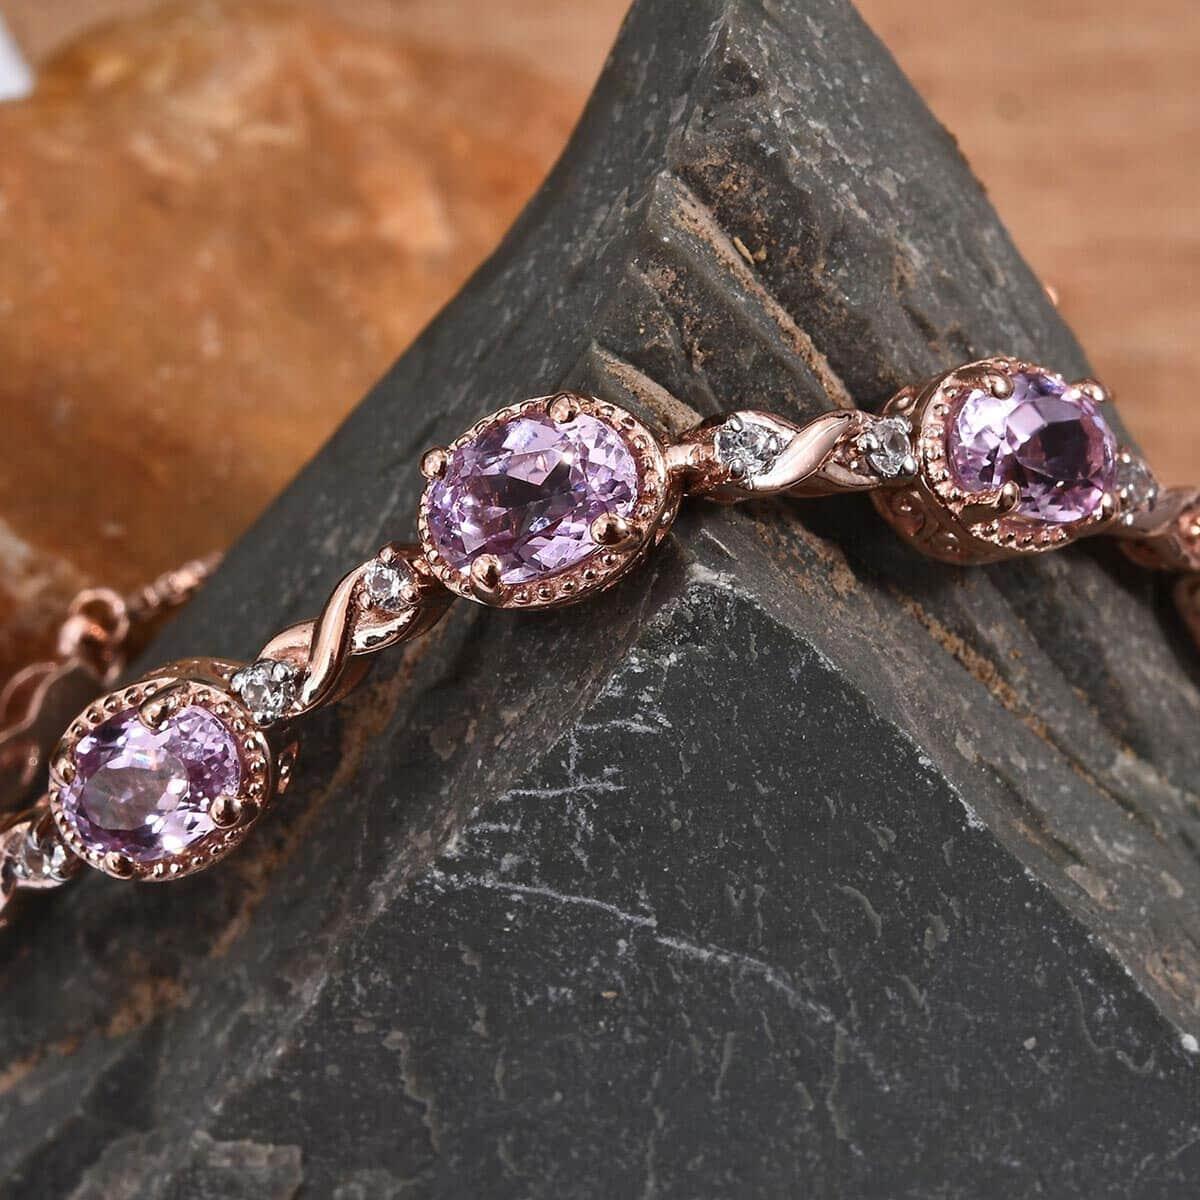 AA Premium Martha Rocha Kunzite, Zircon Bolo Bracelet in Vermeil RG Over Sterling Silver 5.71 ctw